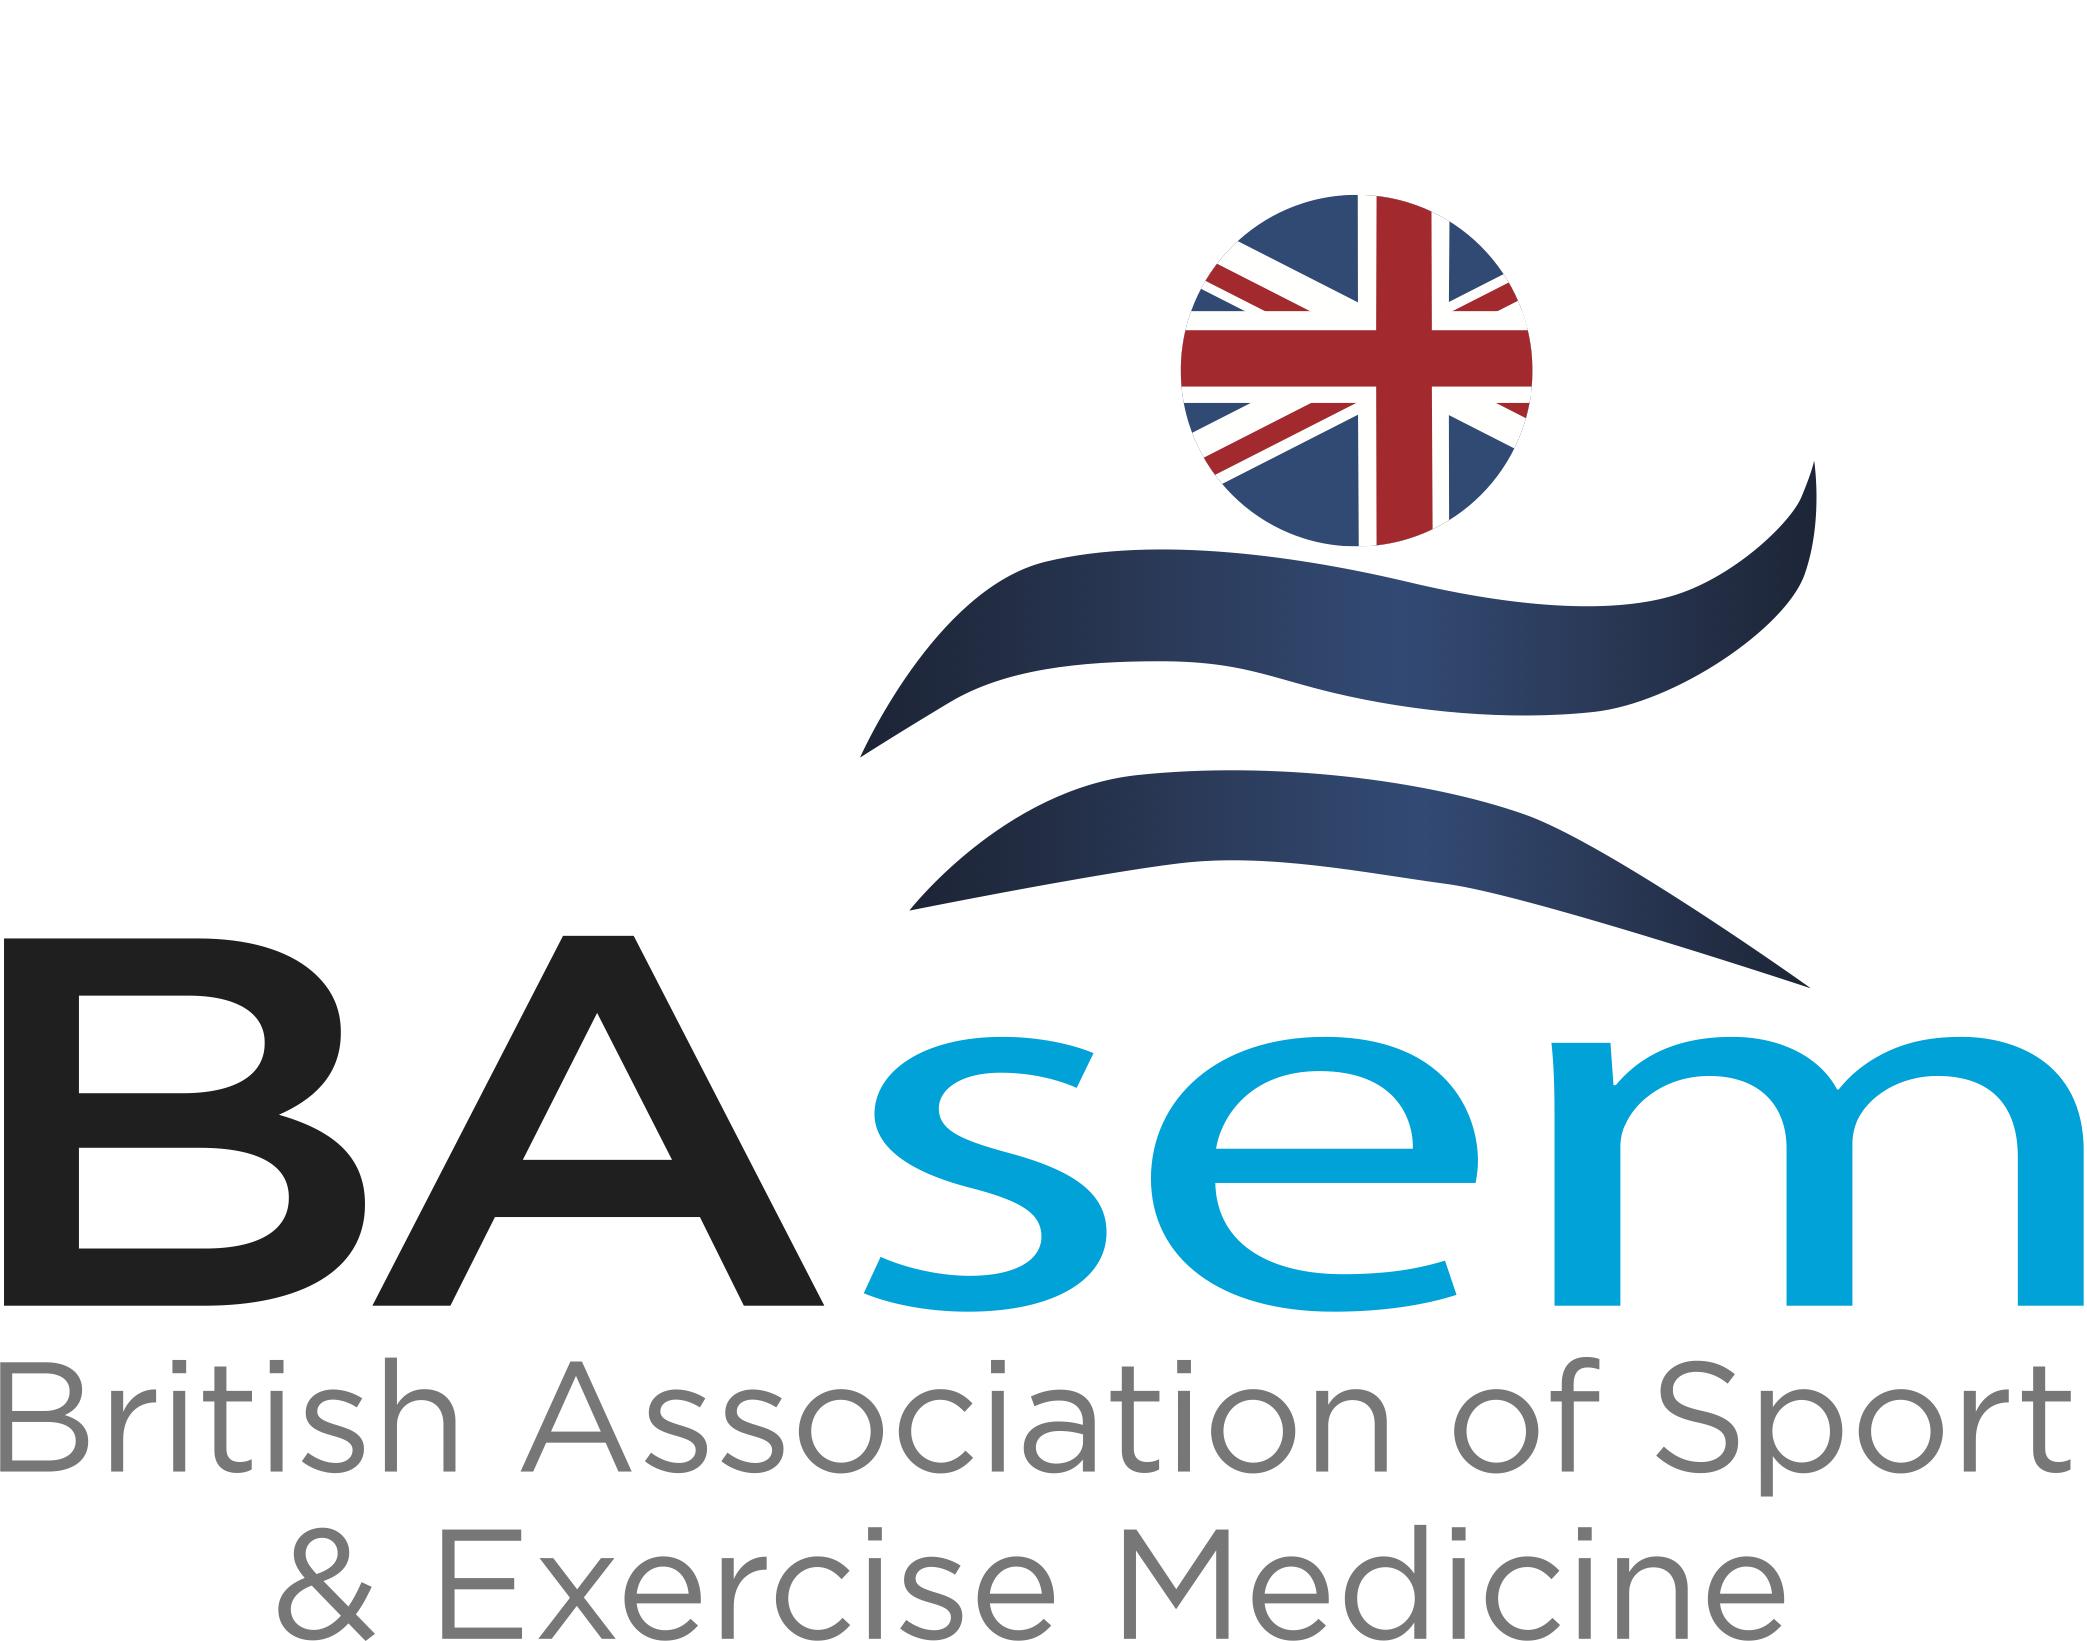 British Association of Sport and Exercise Medicine (BASEM)